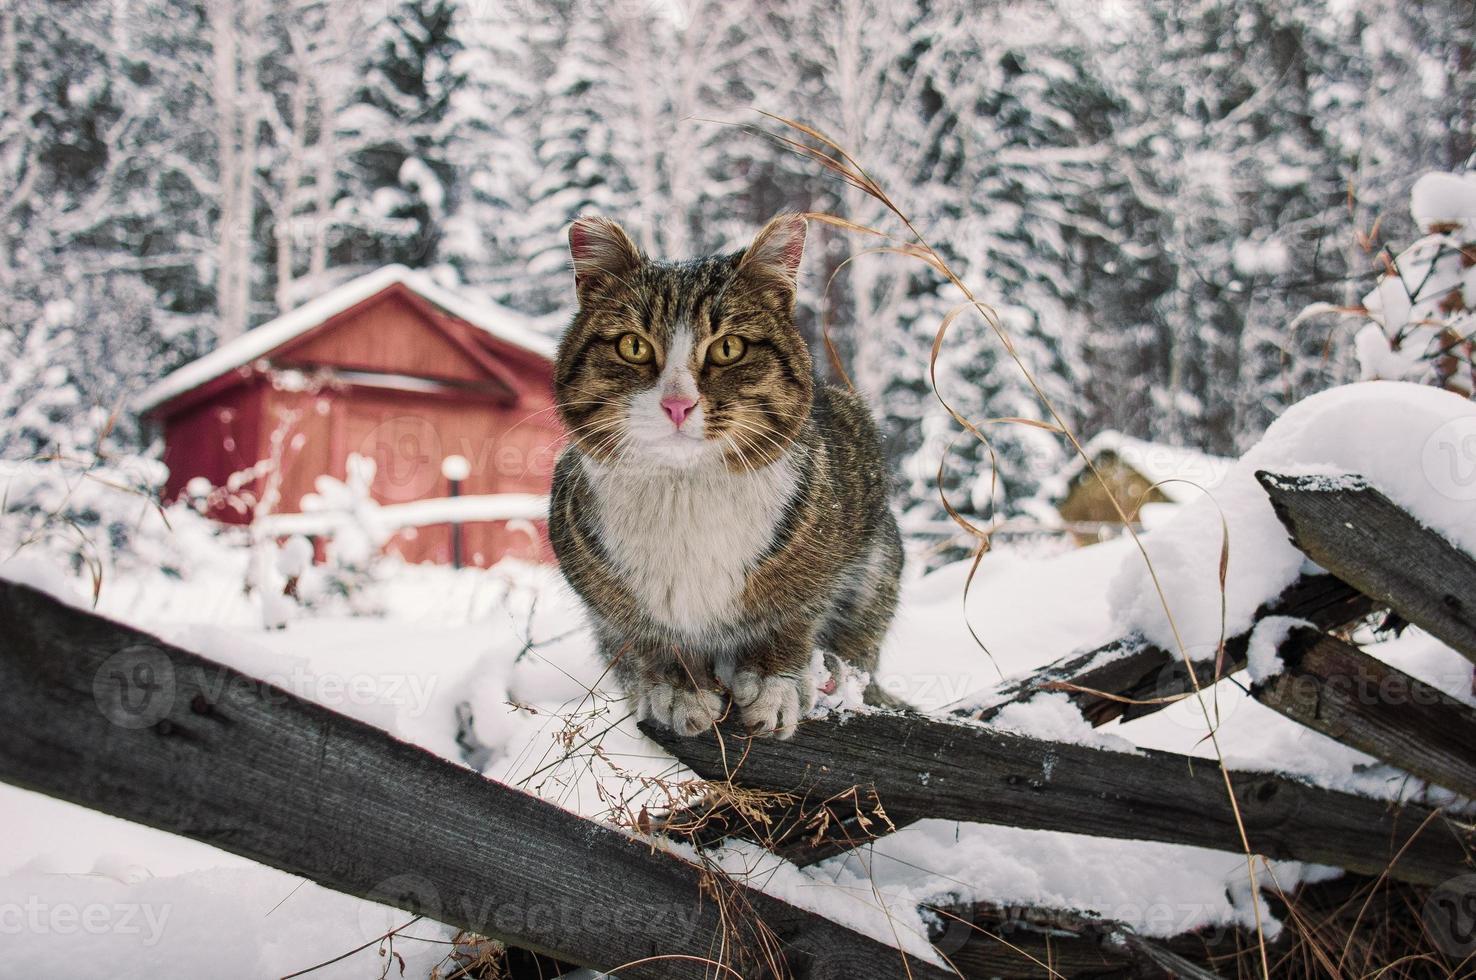 el gato y la casa de invierno. foto